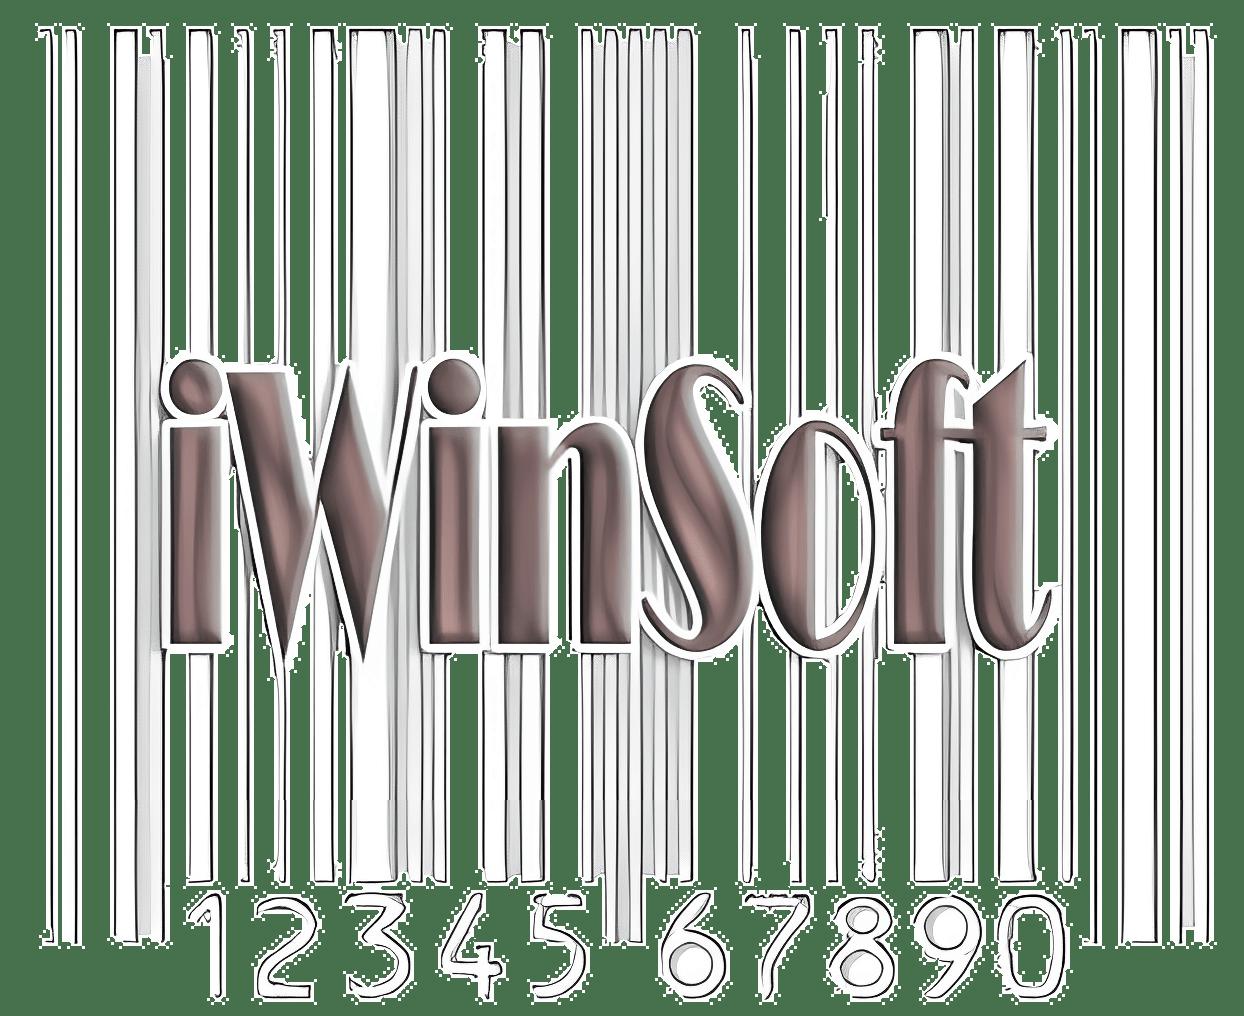 iWinSoft Barcodegenerator